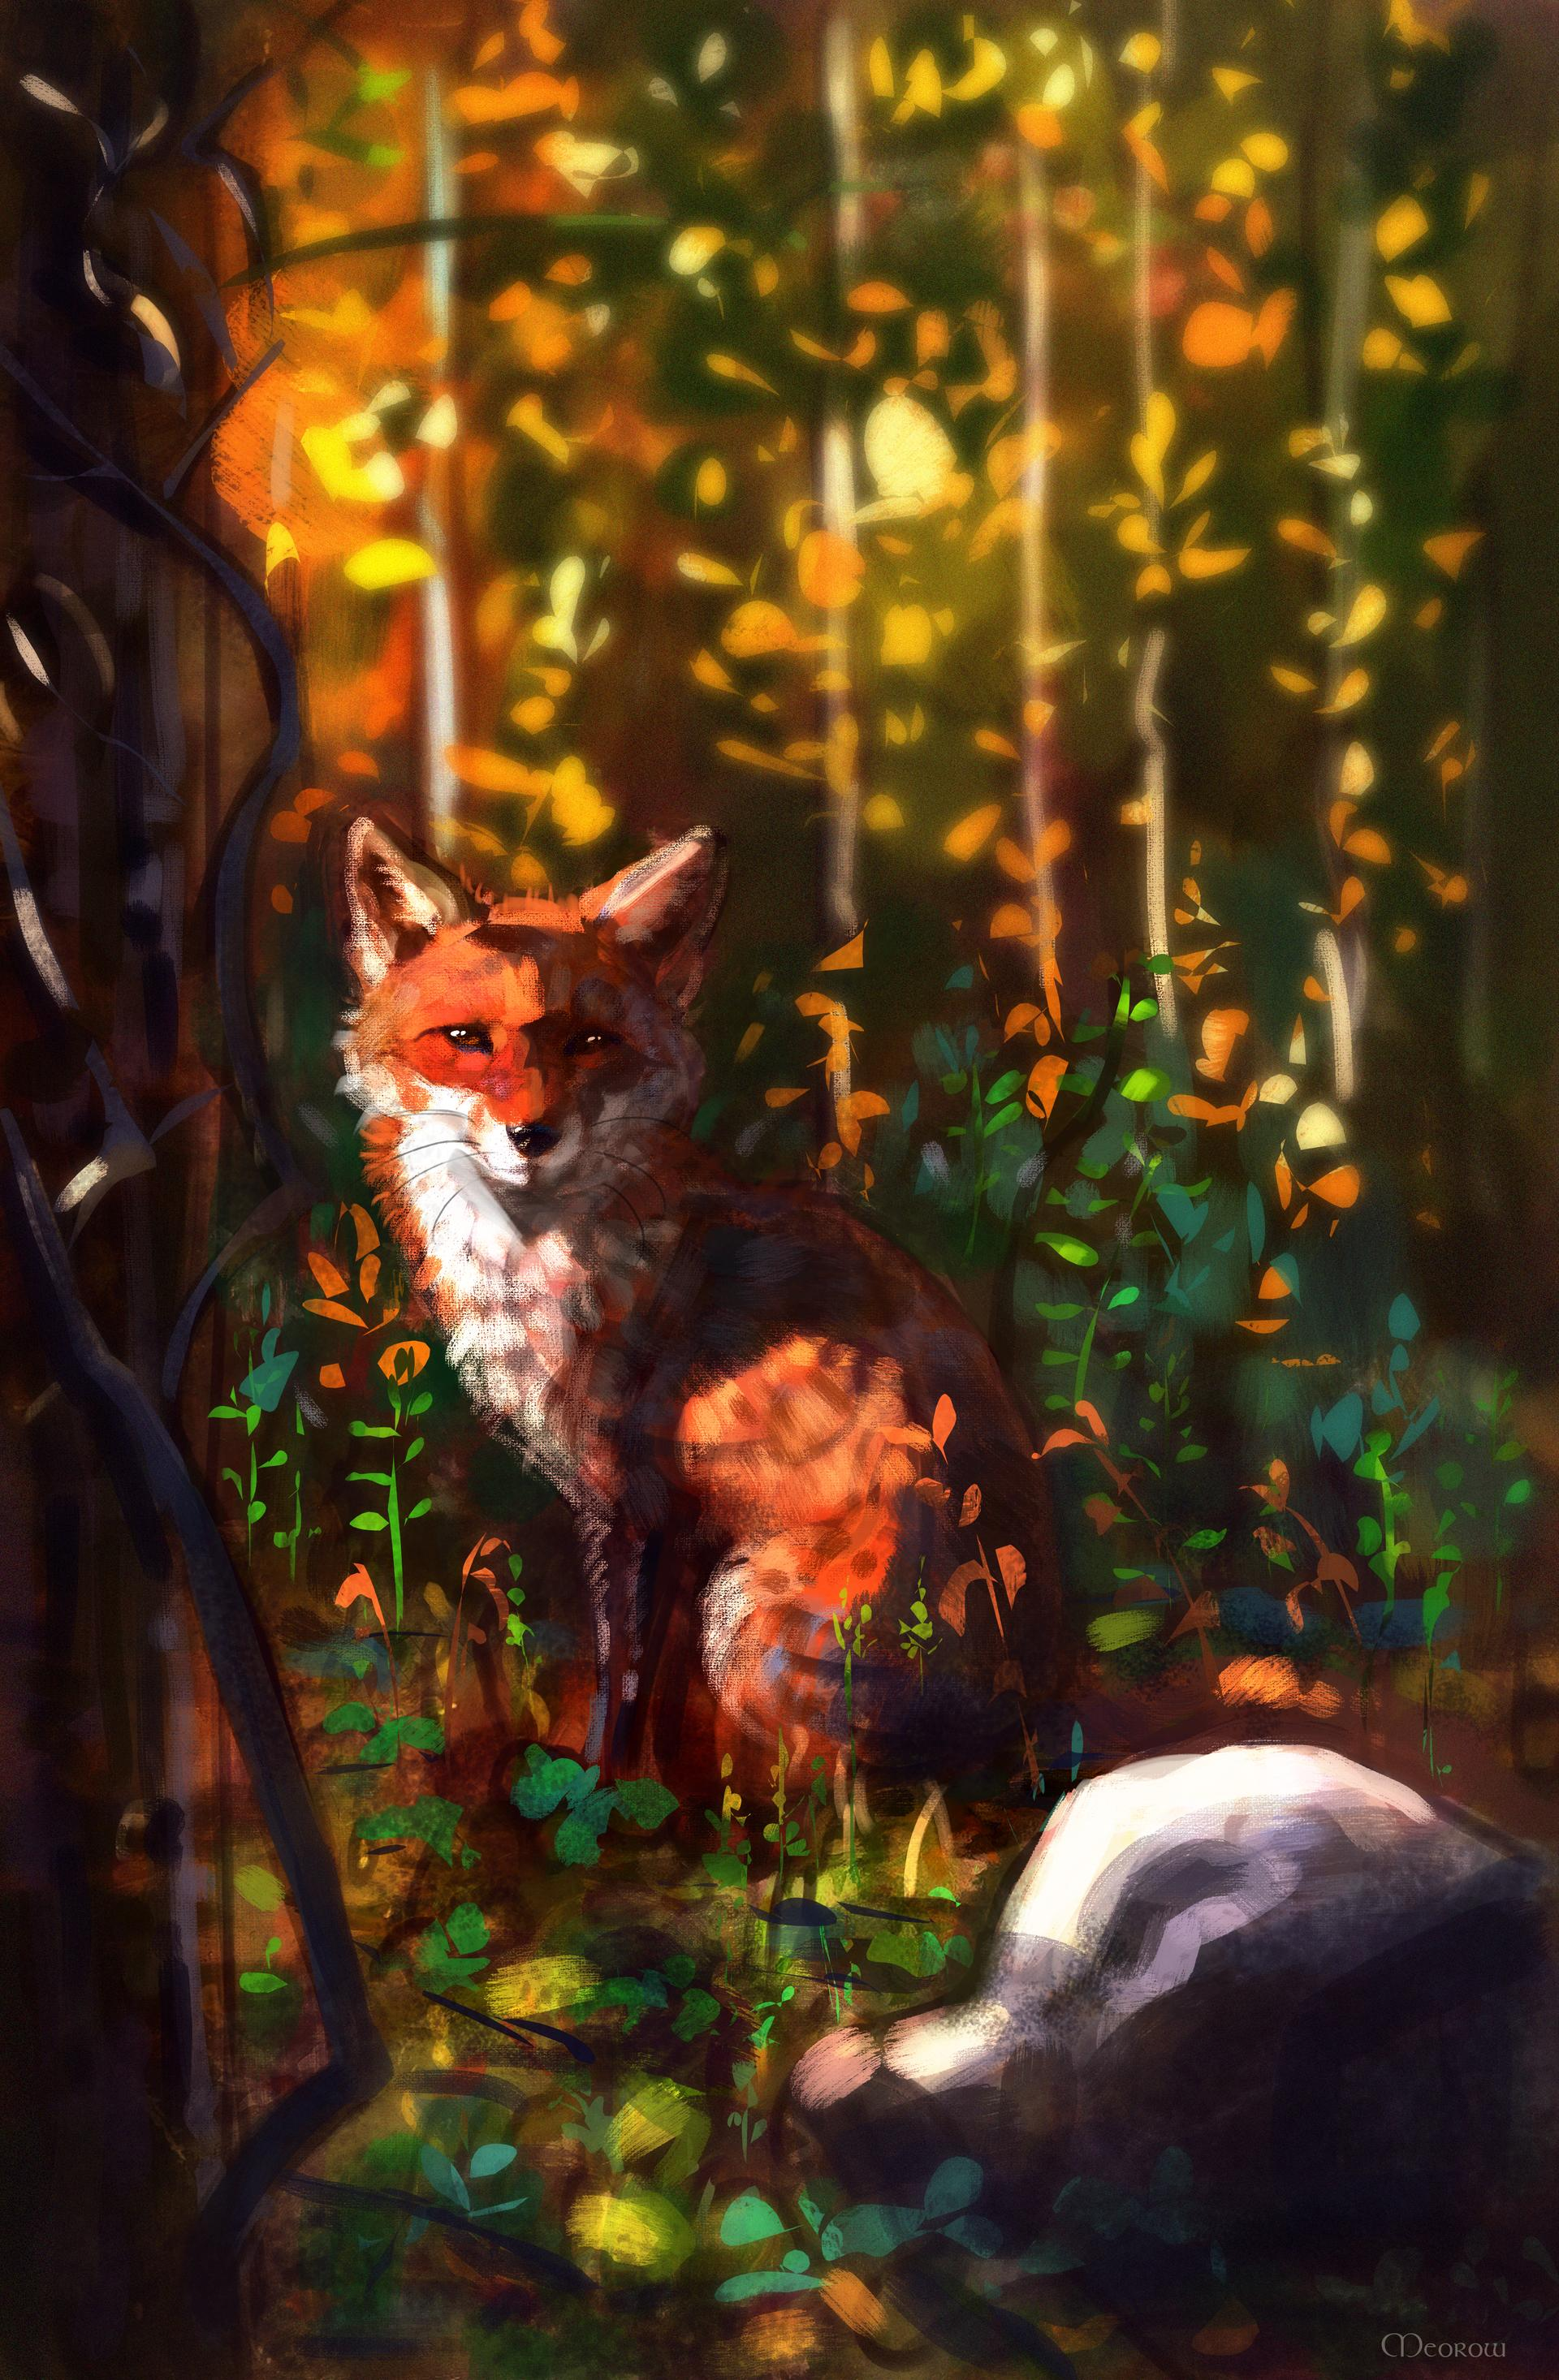 72825 Hintergrundbild herunterladen Kunst, Sicht, Meinung, Wilde Natur, Wildlife, Tier, Ein Fuchs, Fuchs - Bildschirmschoner und Bilder kostenlos